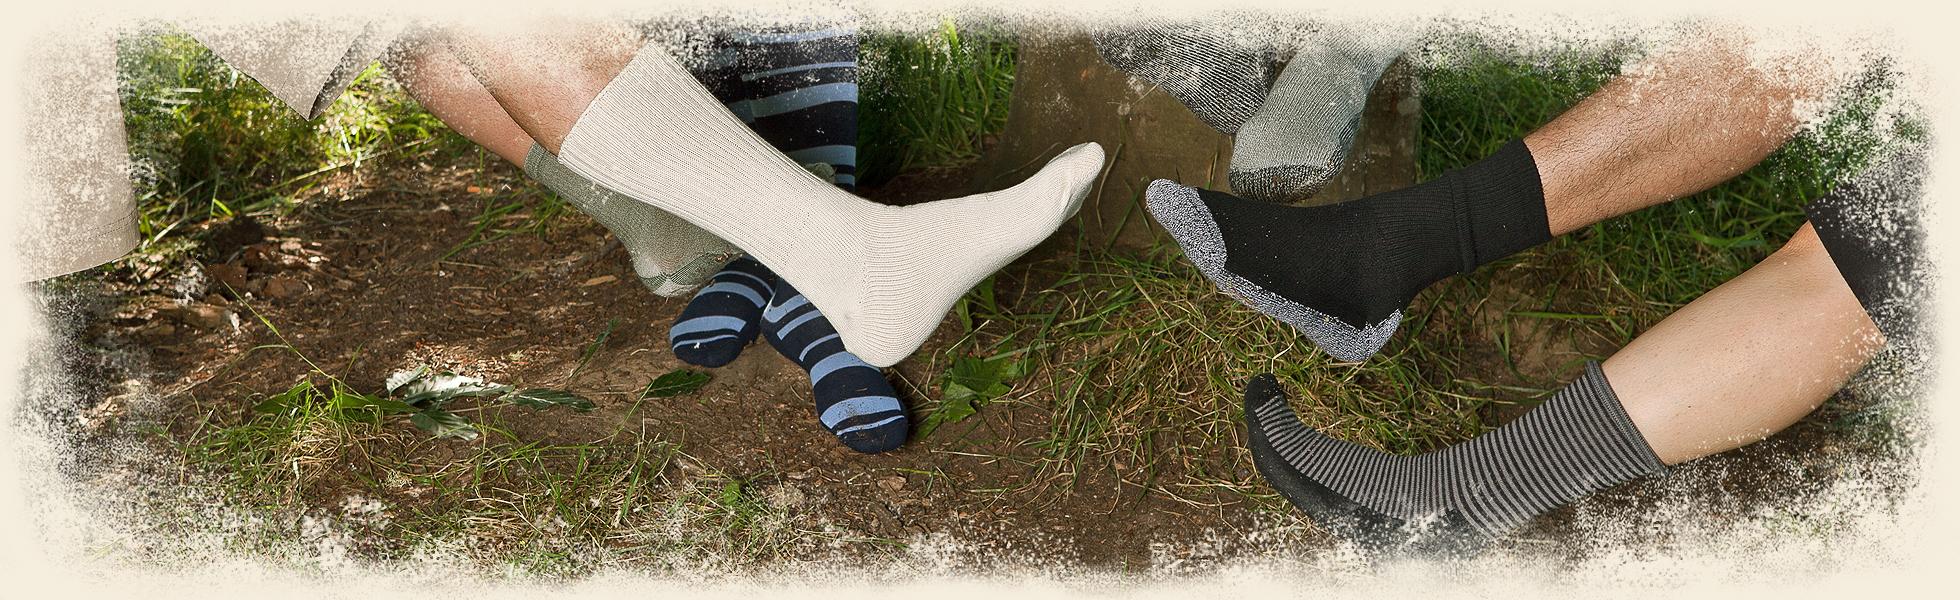 sock-category-banner.jpg